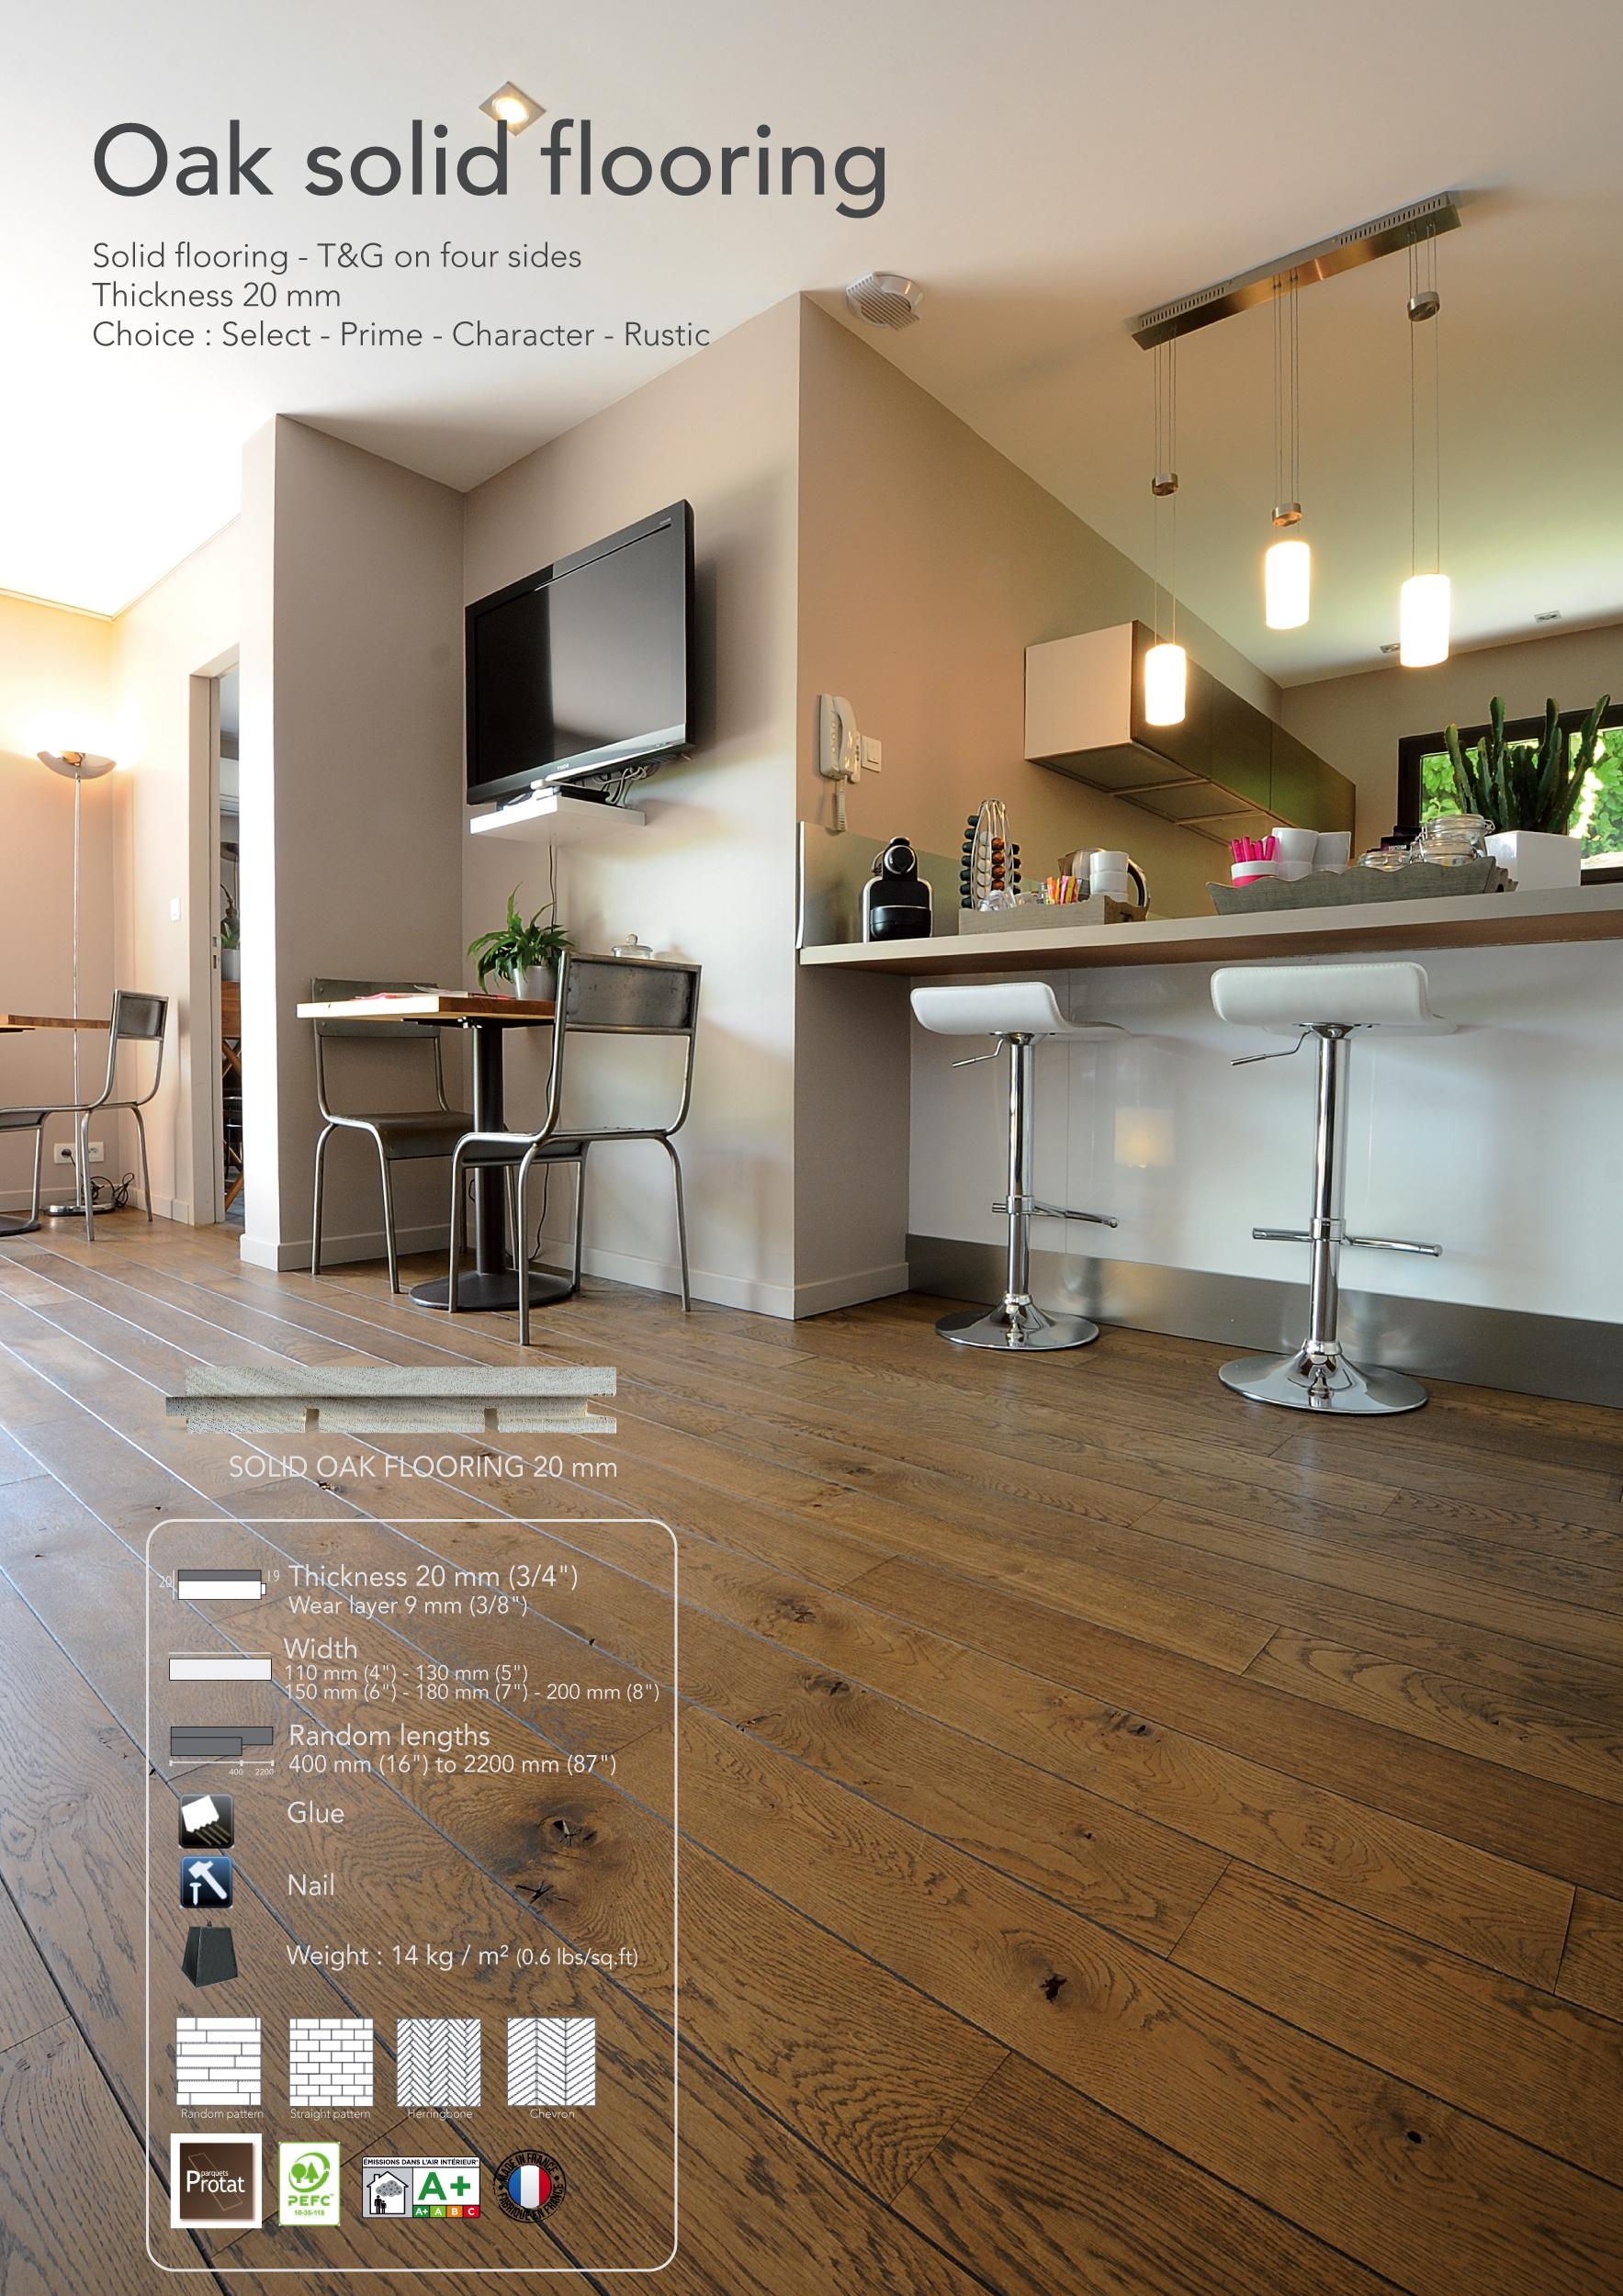 oak solid flooring parquets protat. Black Bedroom Furniture Sets. Home Design Ideas